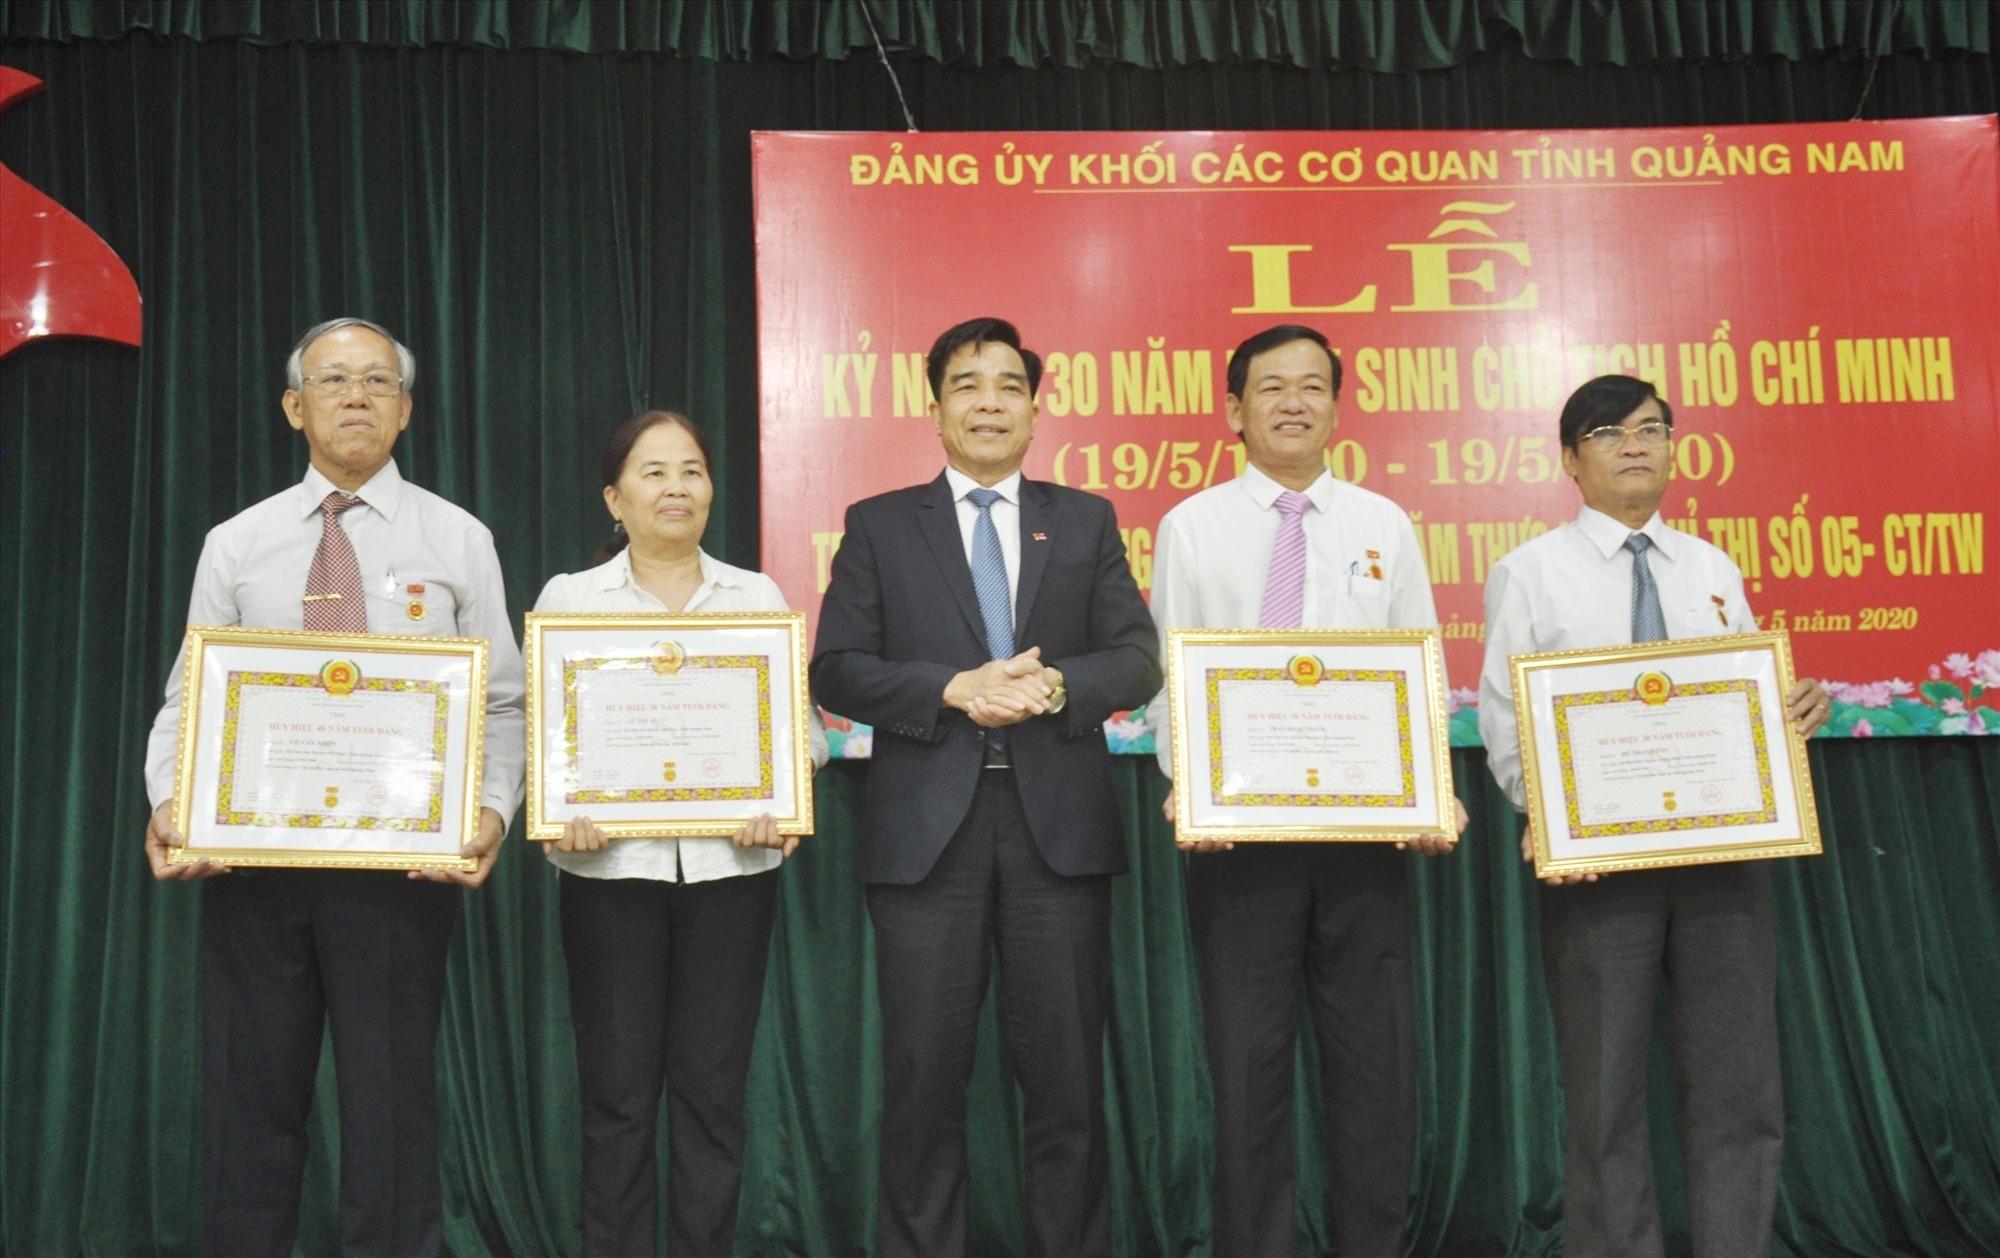 Thay mặt Ban Thường vụ Tỉnh ủy, Phó Bí thư Thường trực Tỉnh ủy Lê Văn Dũng trao tặng Huy hiệu Đảng cho các đảng viên. Ảnh: N.Đ